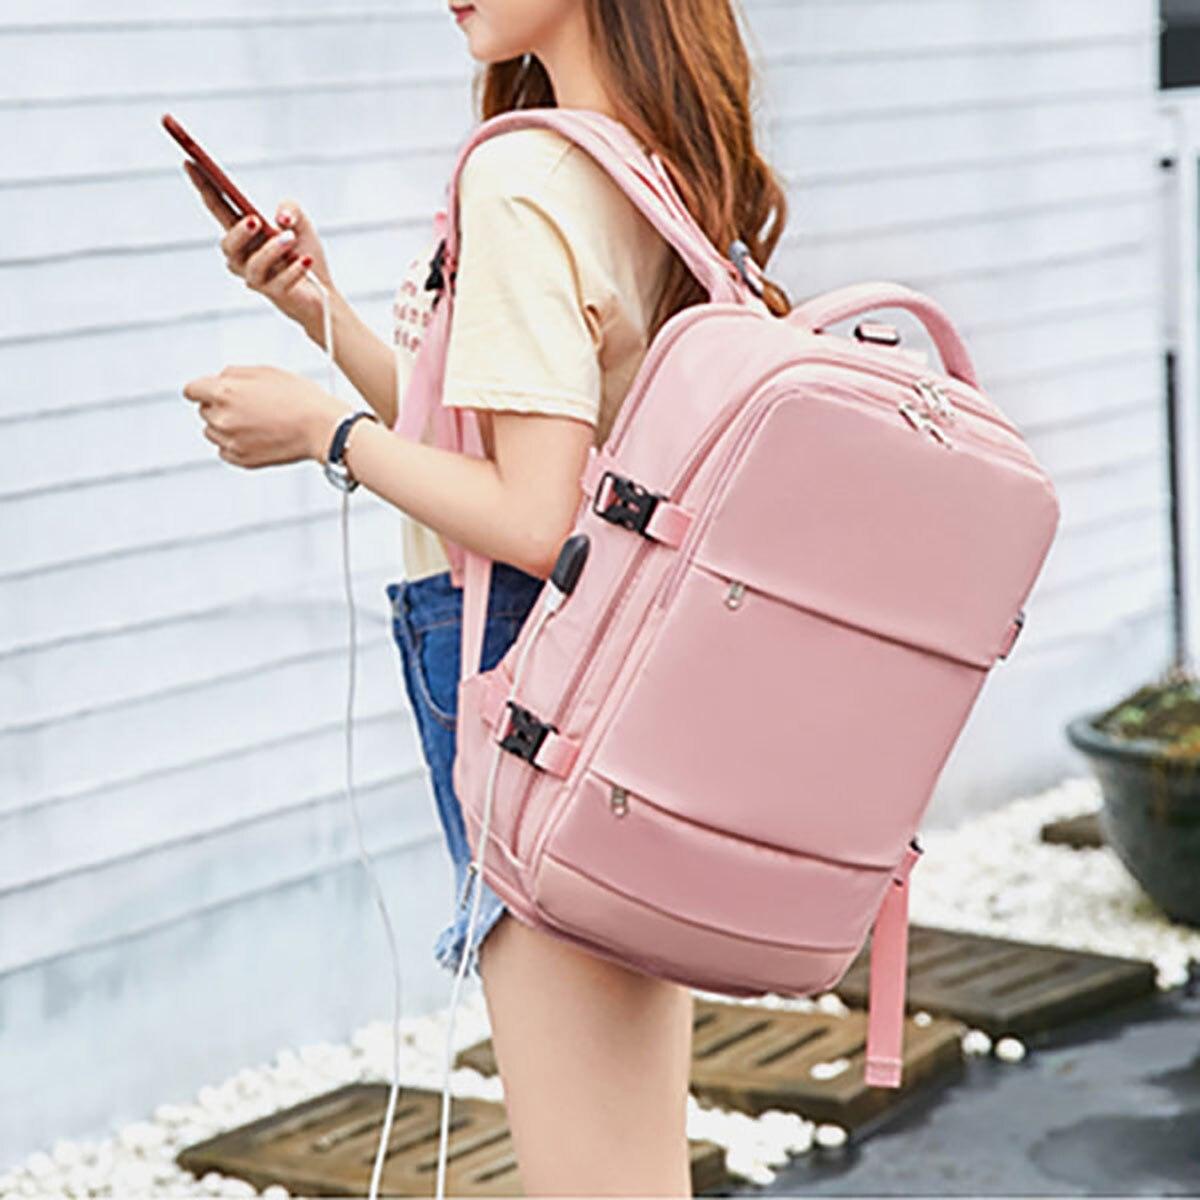 مقاوم للماء النايلون على ظهره المرأة حقيبة سفر مع منفذ شحن USB وحجرة الأحذية حقيبة مدرسية بلون فاسيون حقيبة لابتوب